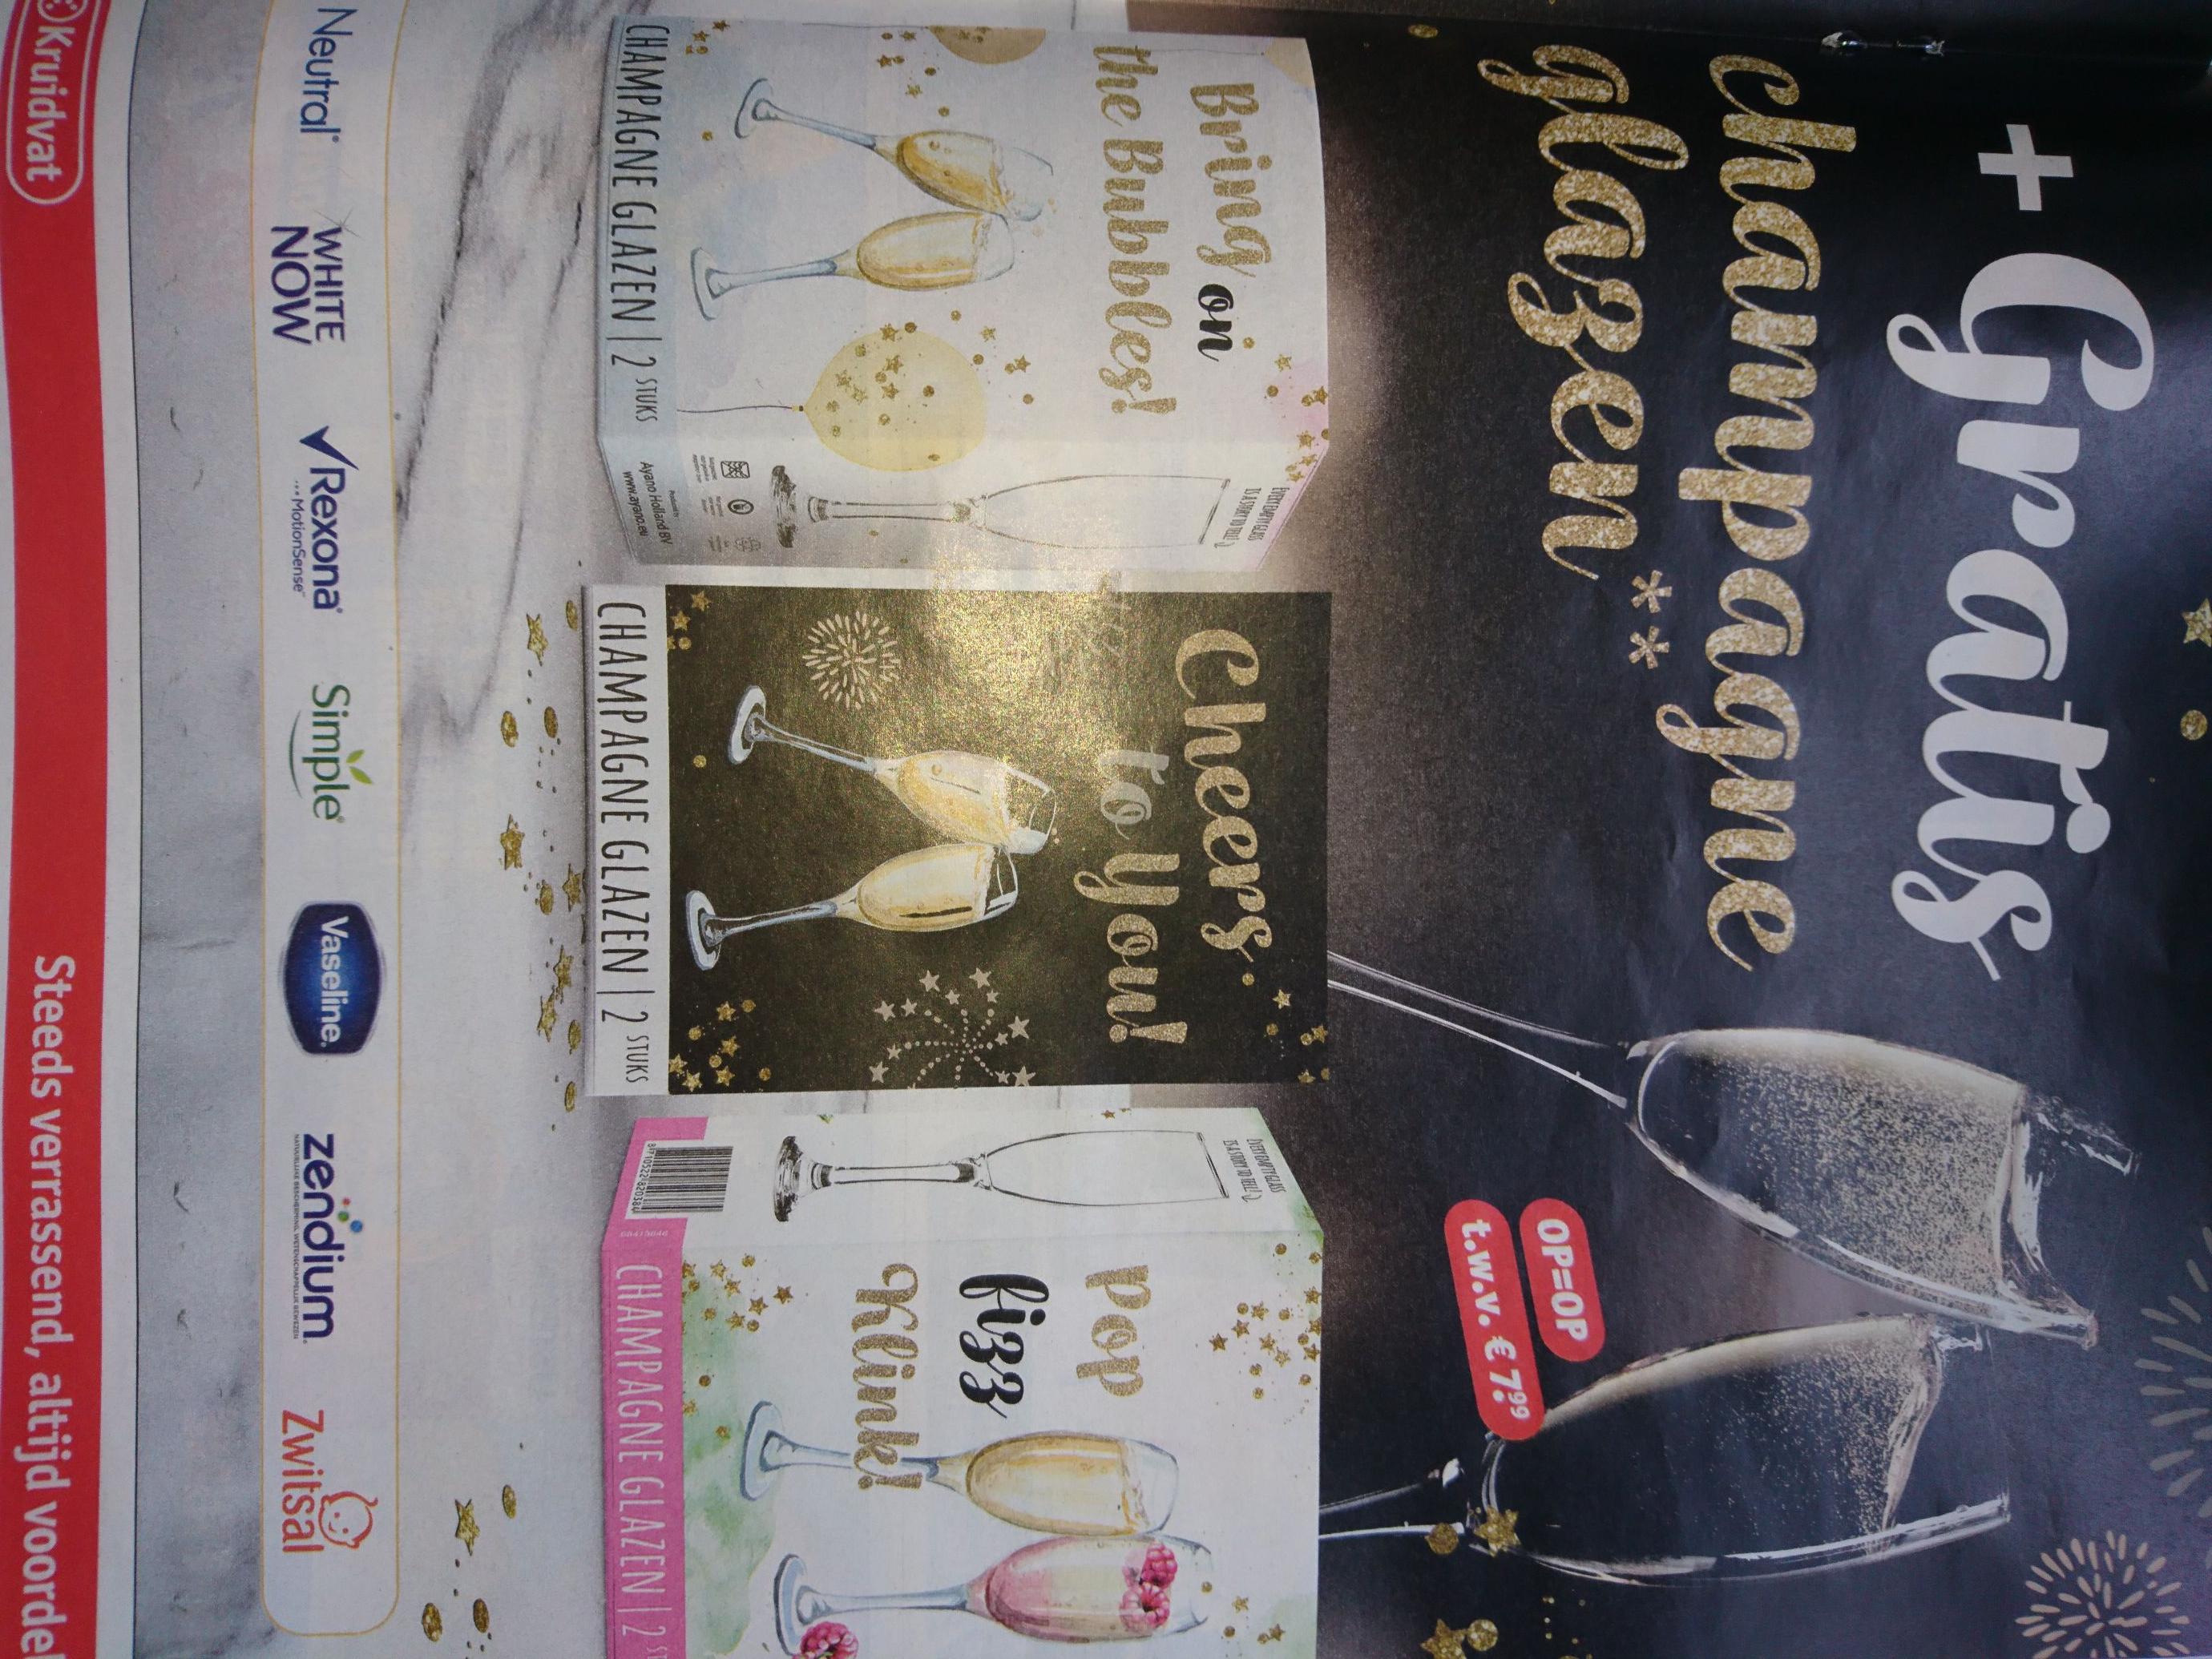 Kruidvat tweede halve prijs + 2 gratis champagne glazen twv €7,99